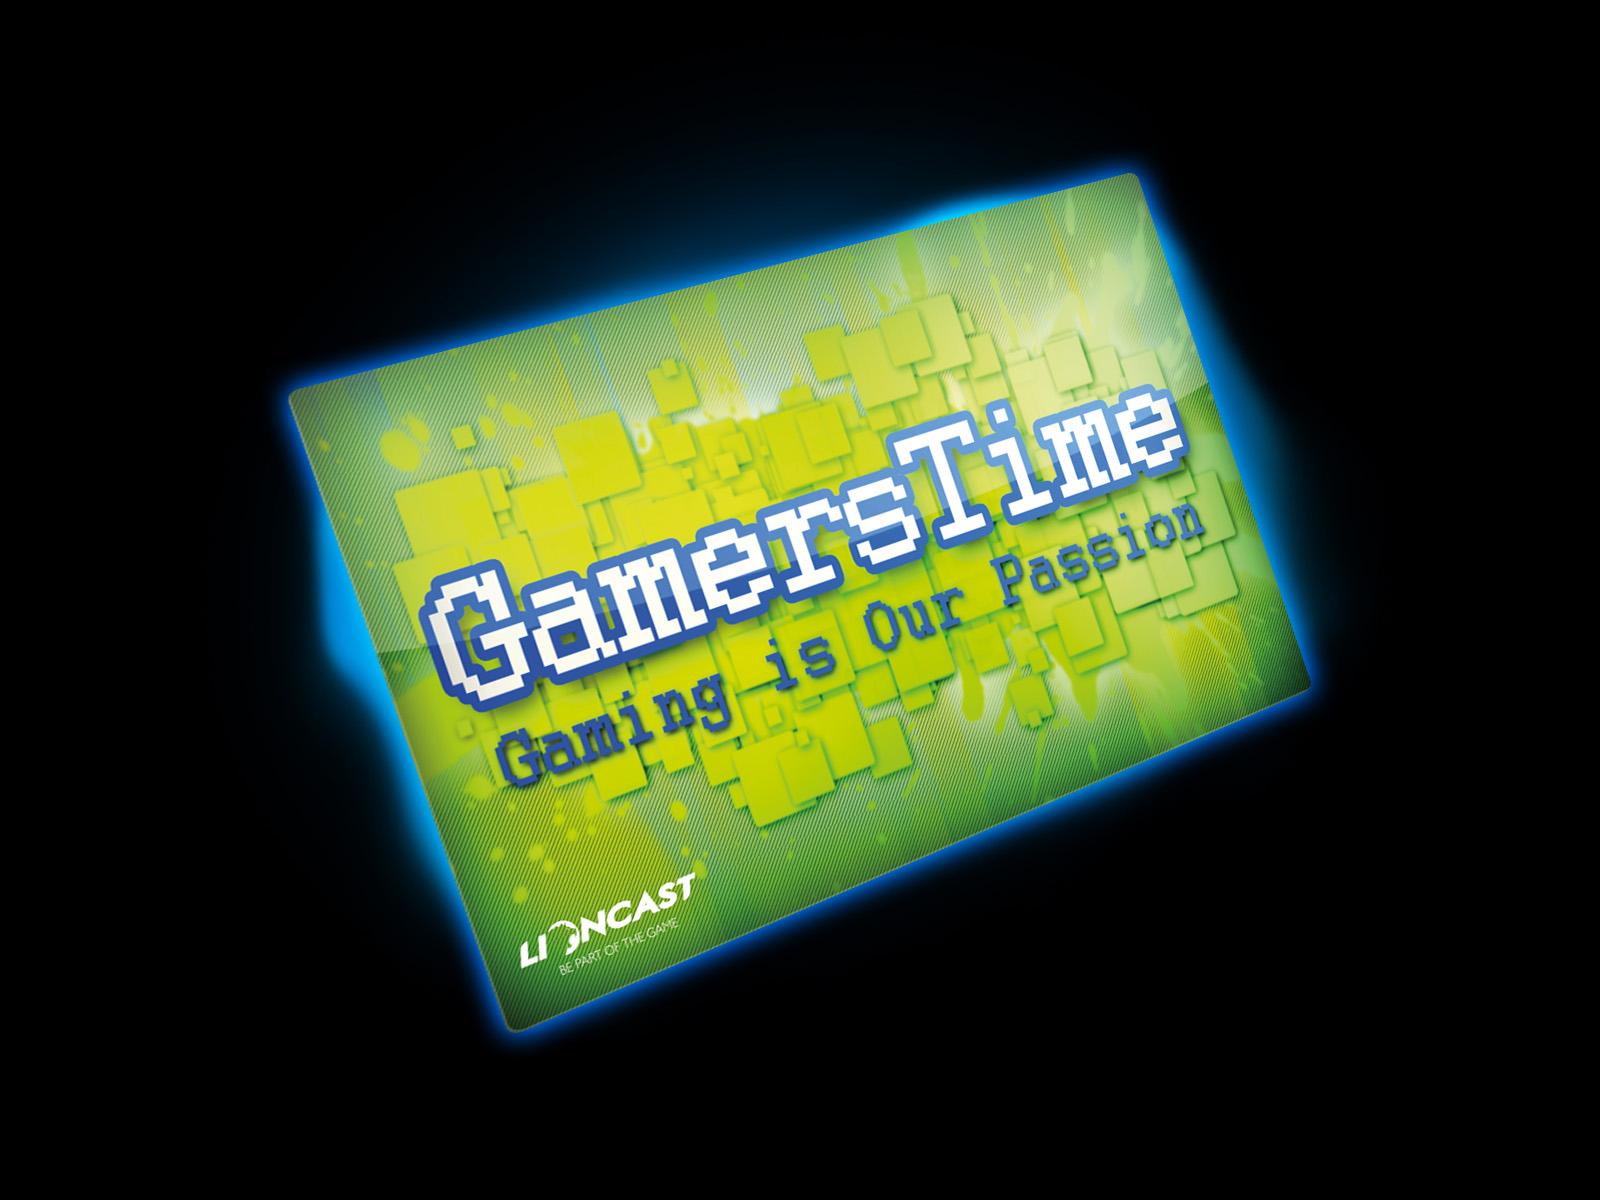 Gamerstime-Mauspad-Beschreibung